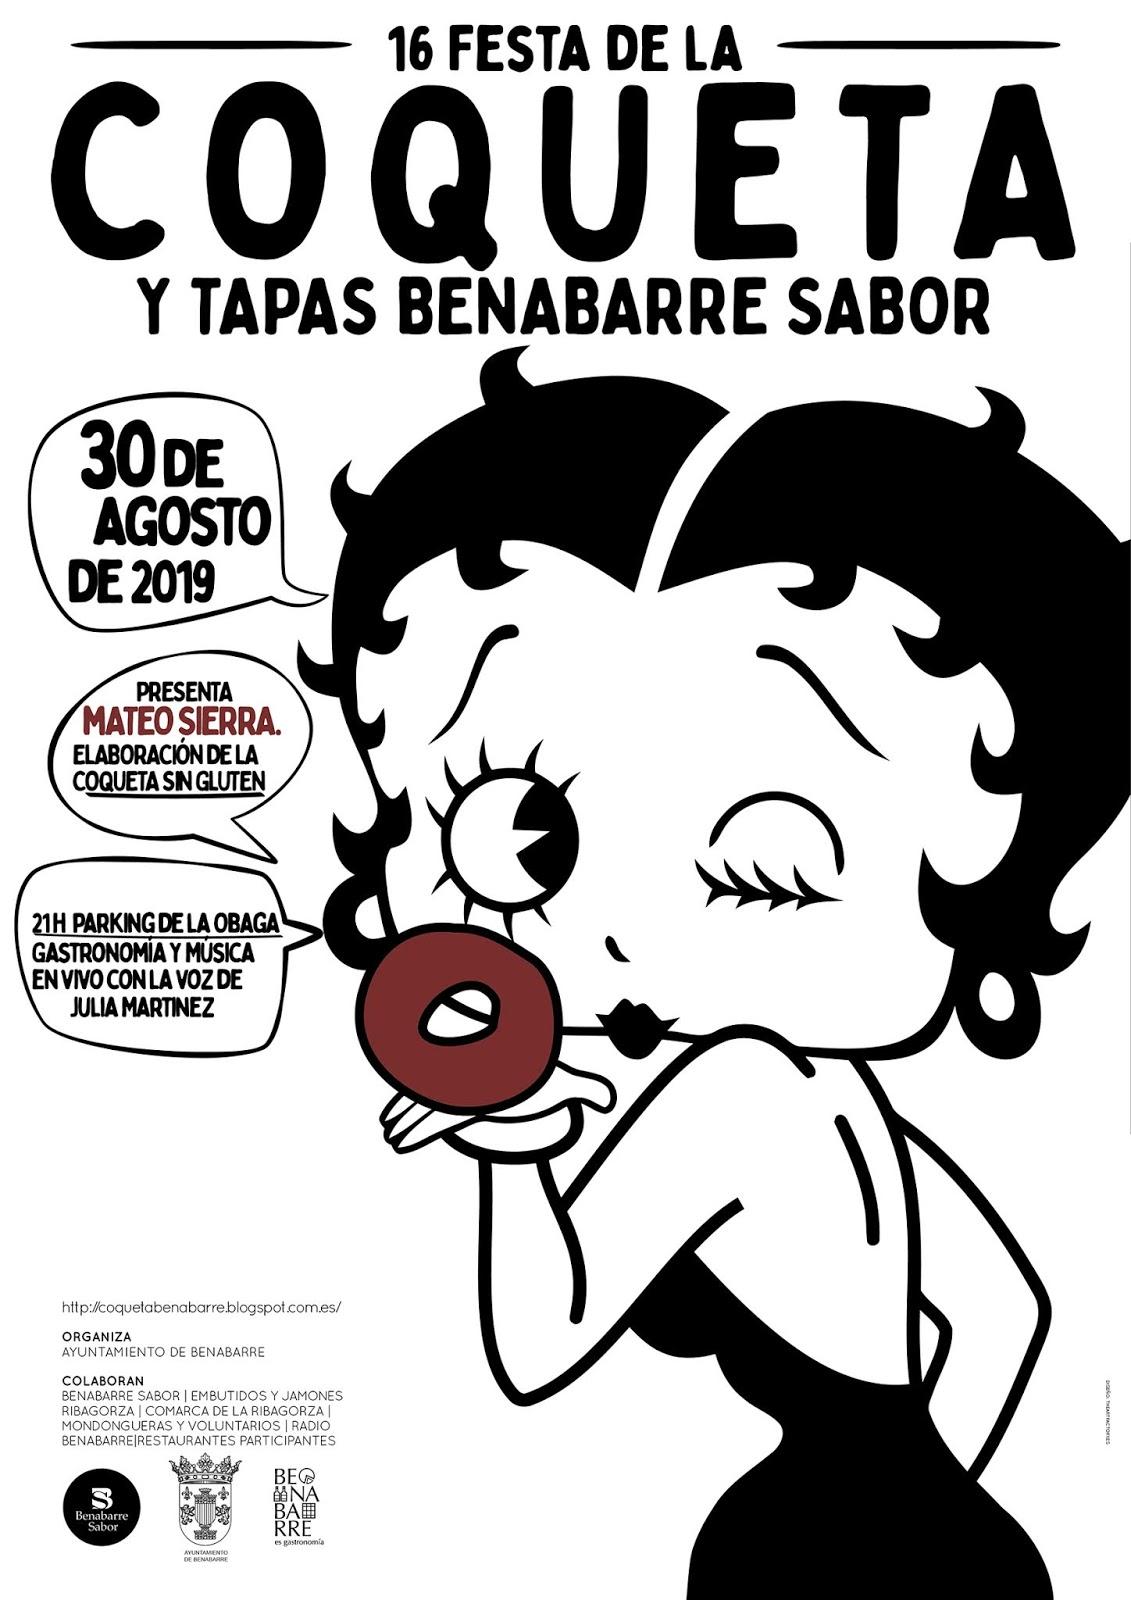 Festa de la Coqueta en Benabarre